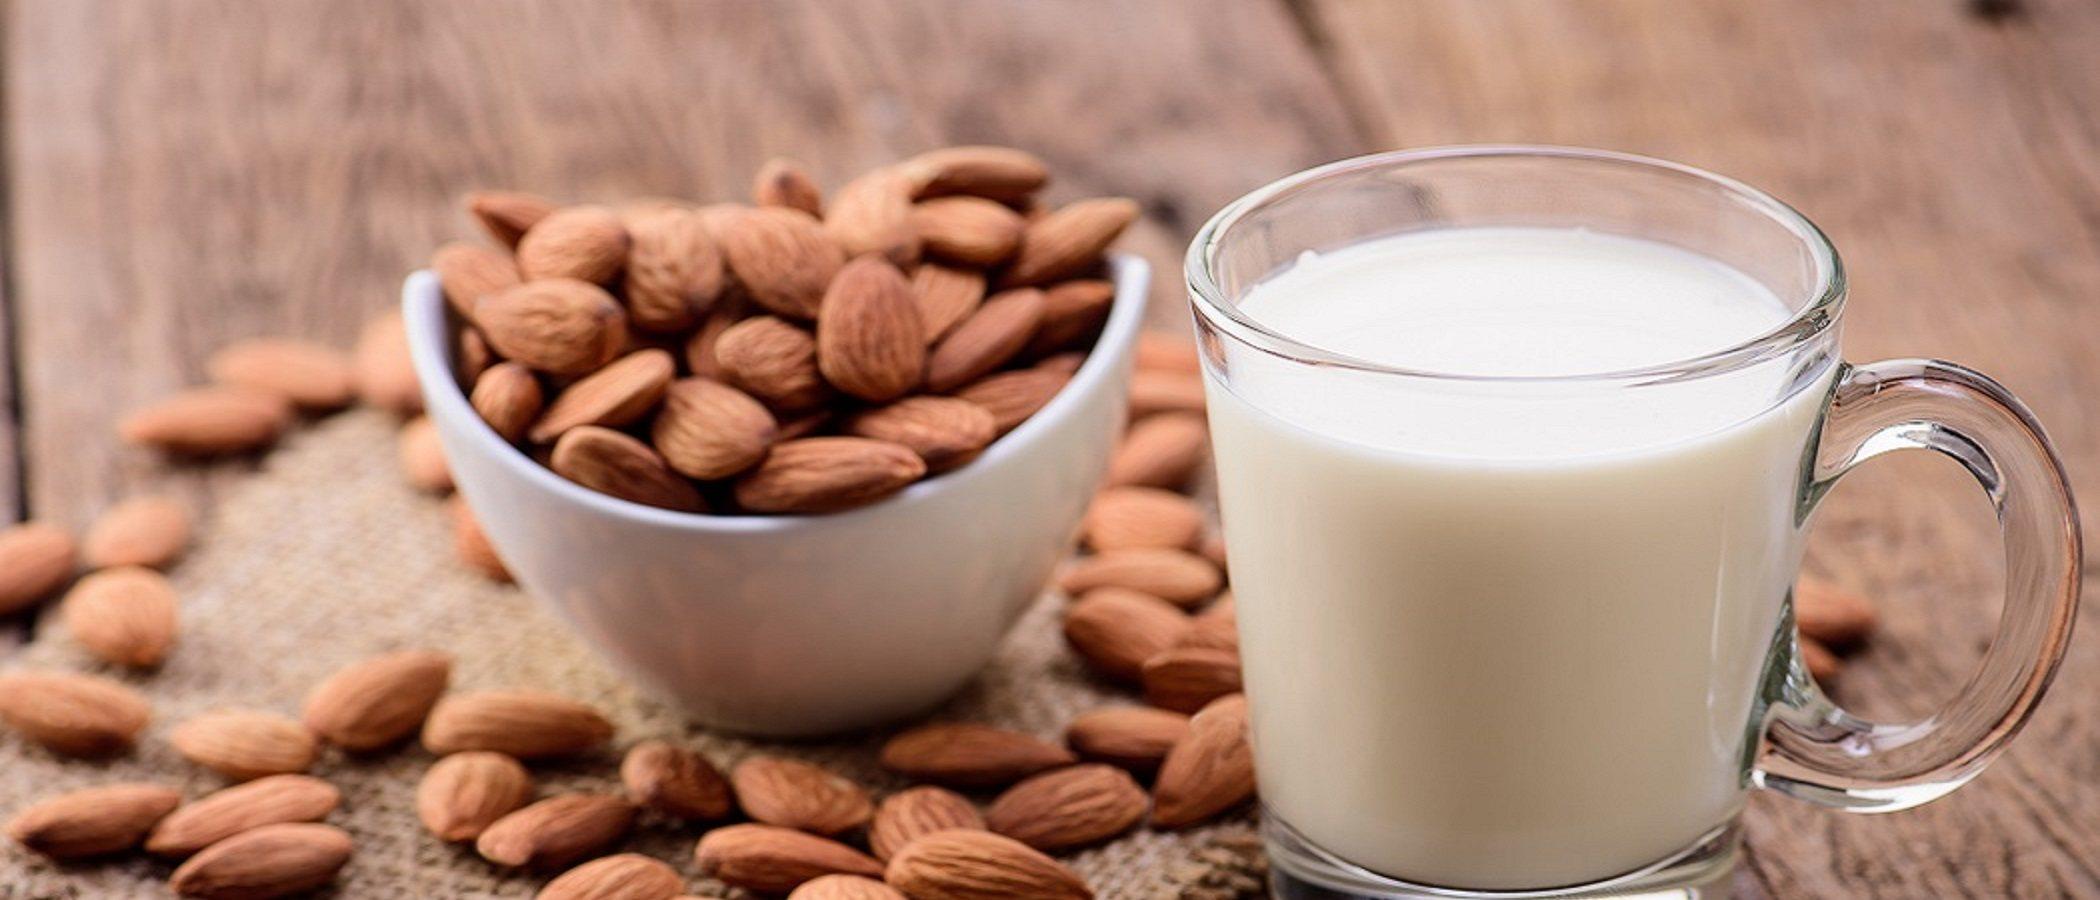 Alimentos para acelerar el crecimiento de niños desnutridos